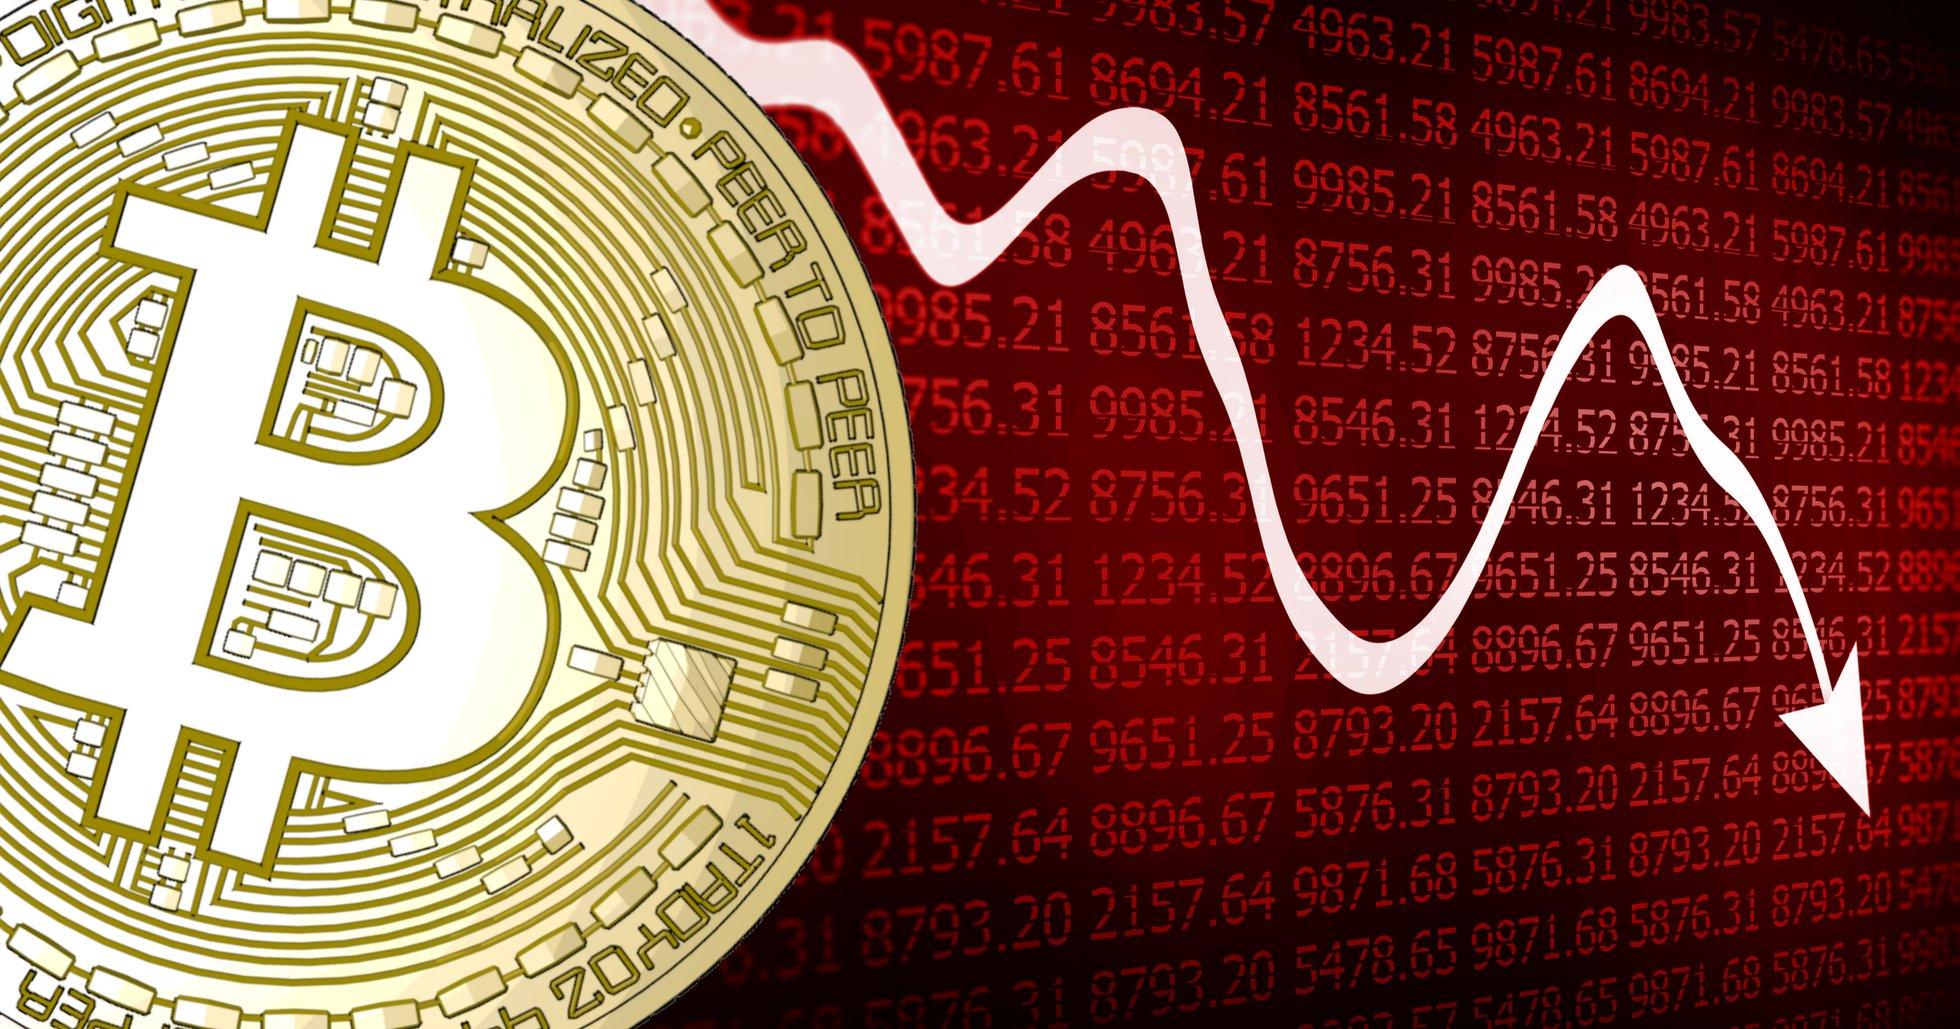 Marknaderna fortsätter falla – bitcoin för 1,5 miljarder likviderades på Bitmex.